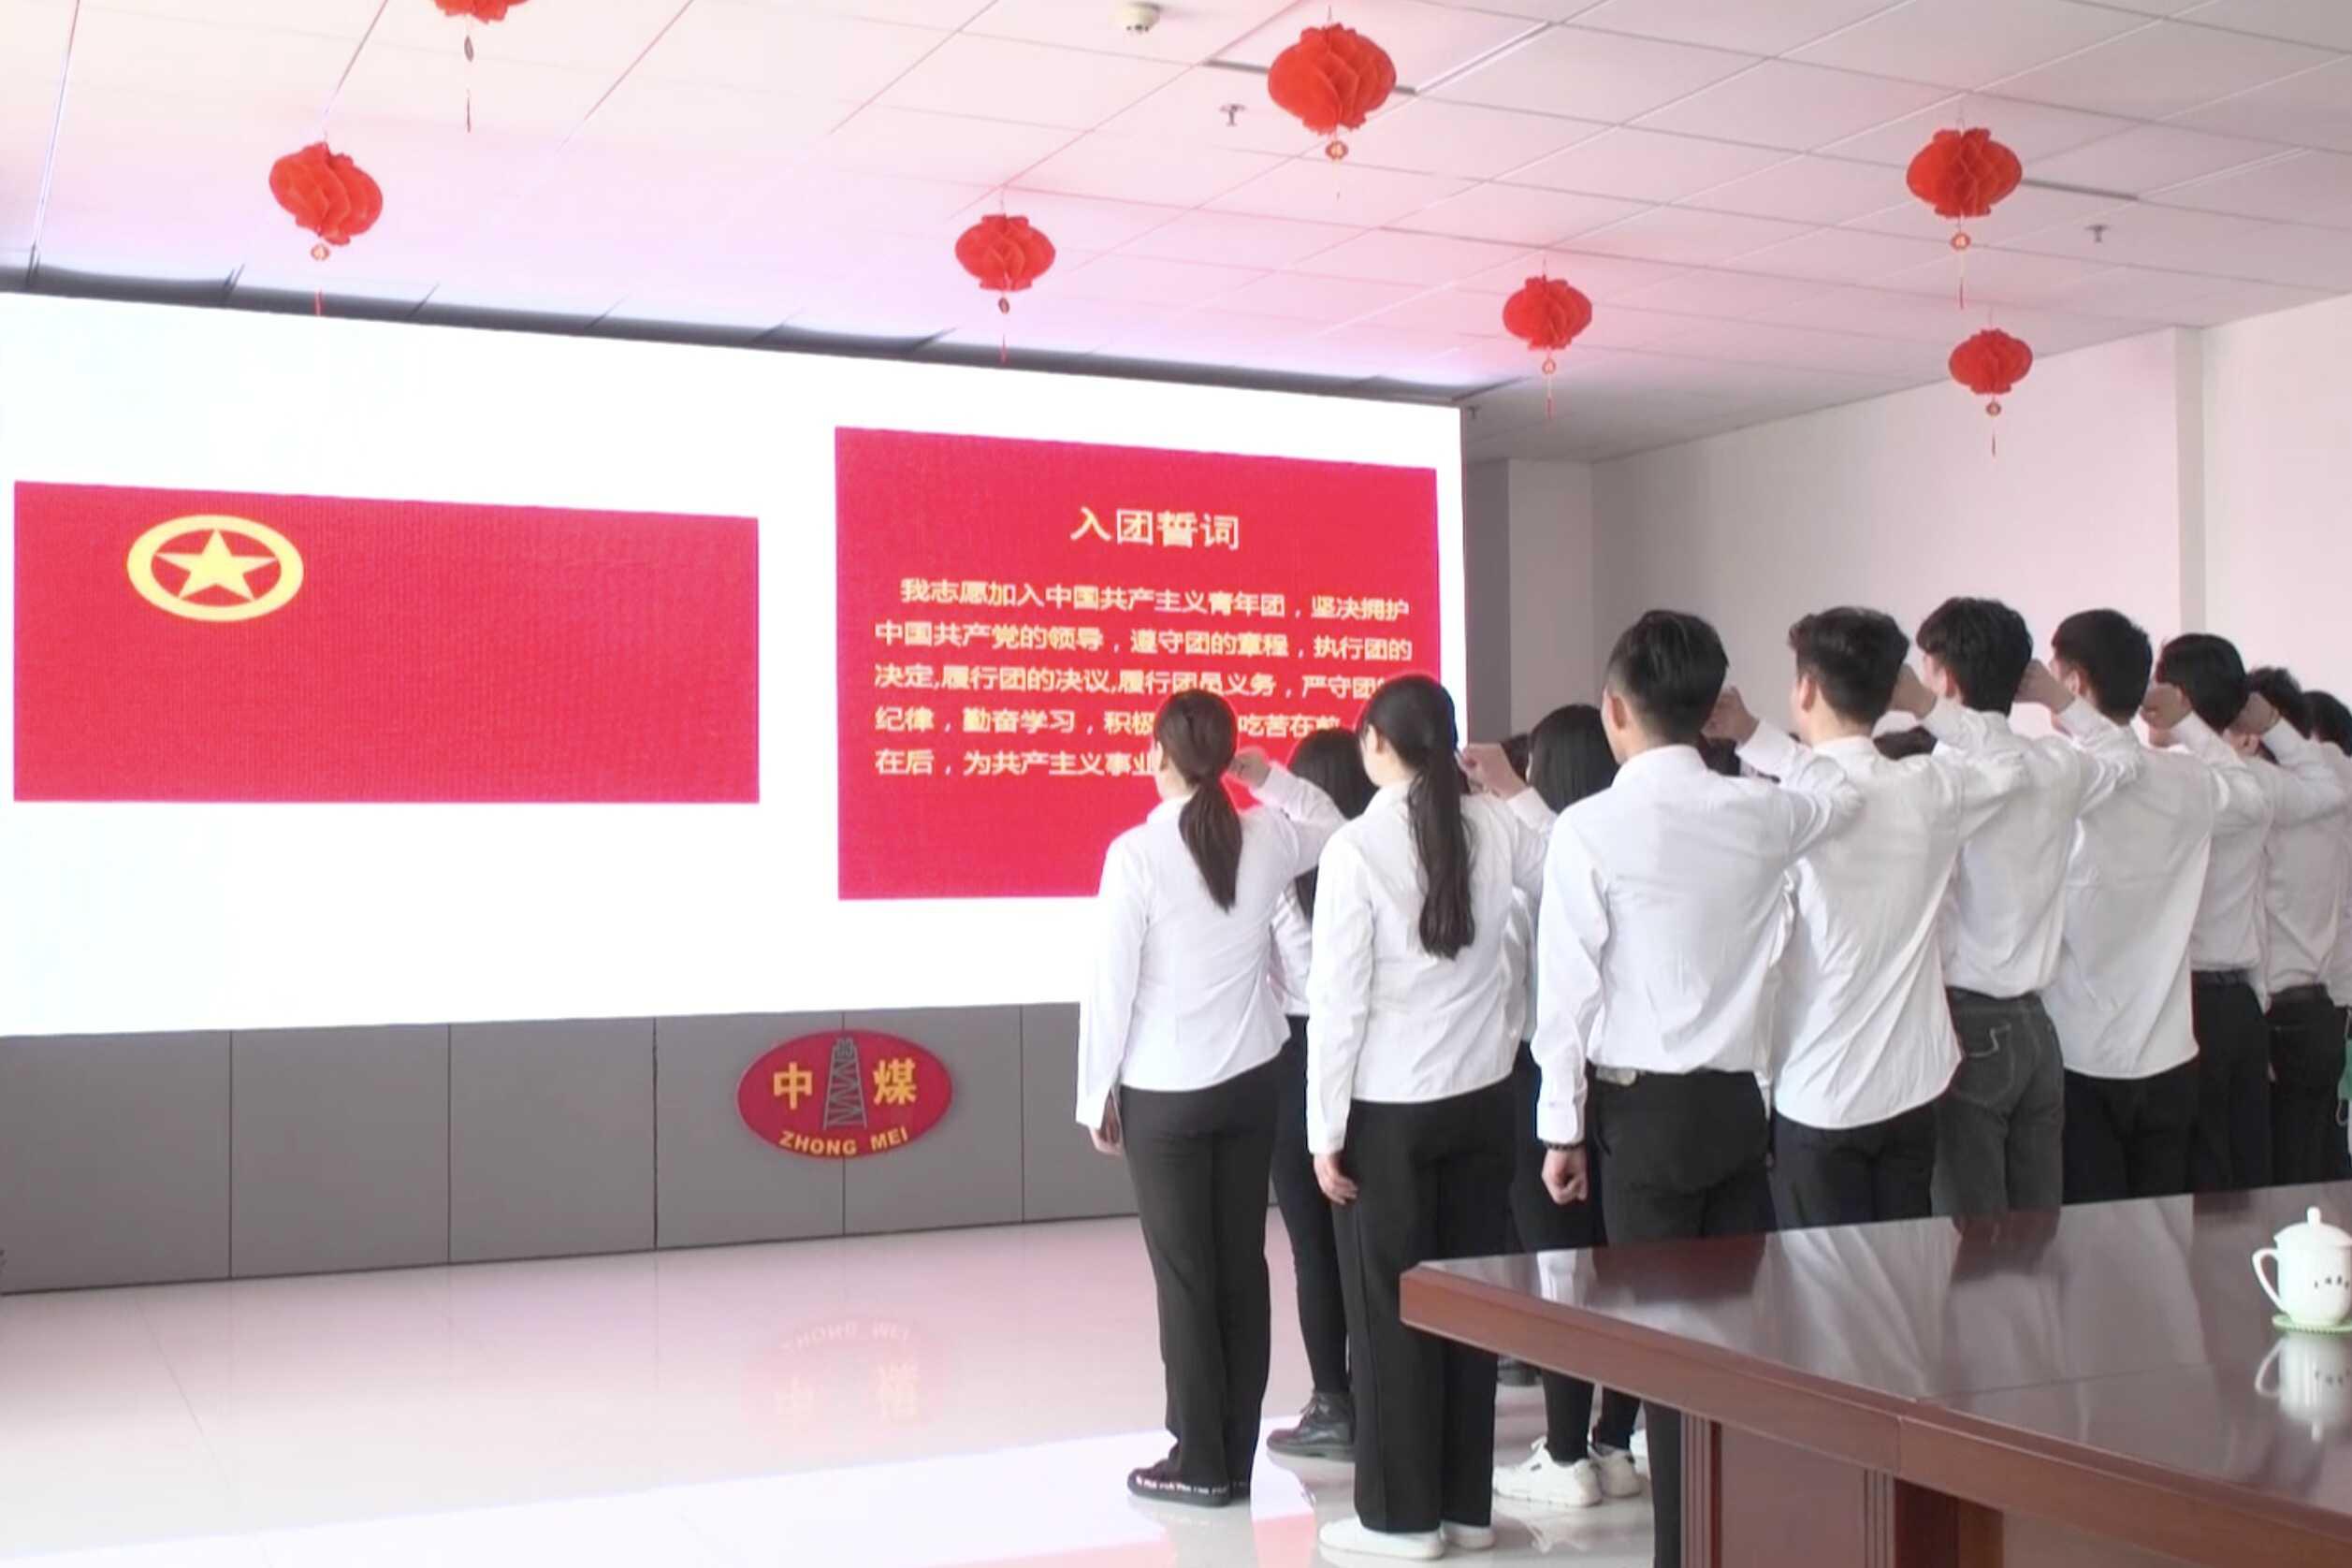 五四精神 传承有我 中煤集团组织开展庆祝五四青年节主题活动